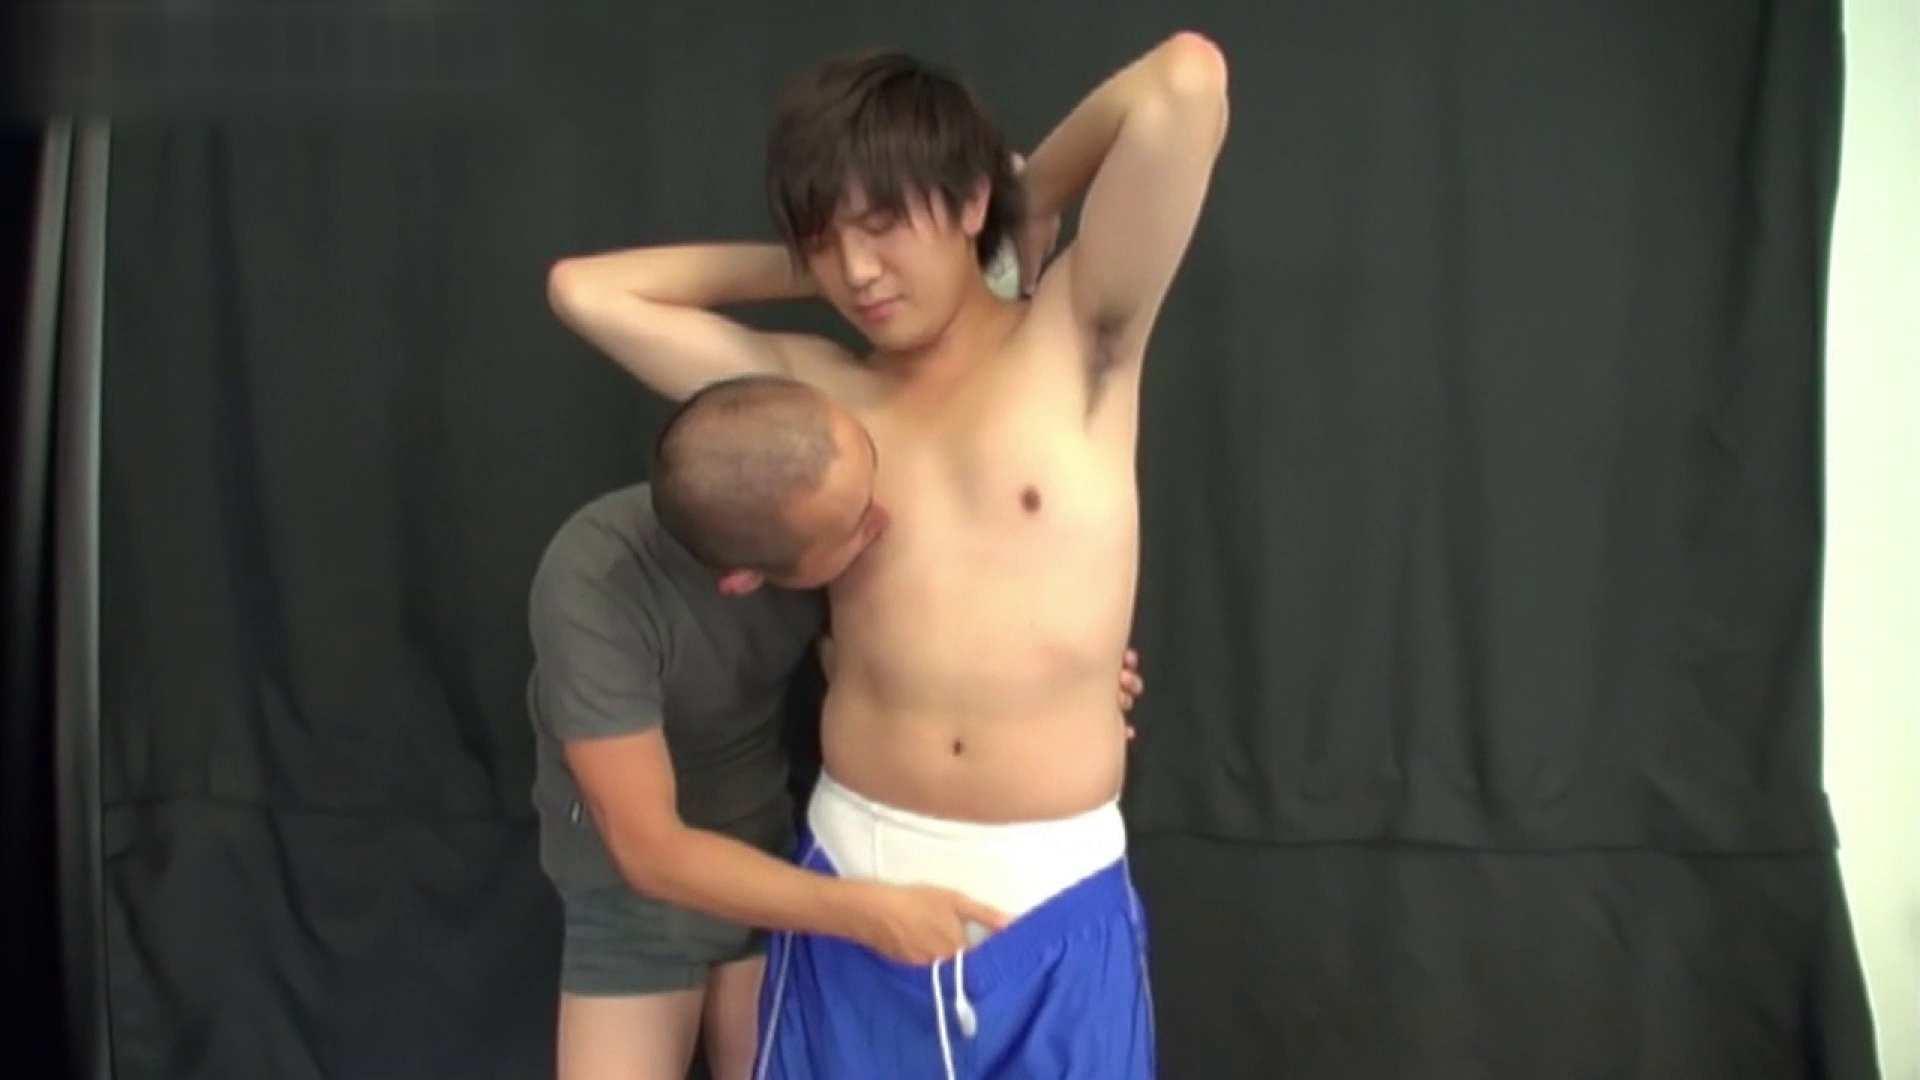 ヤリヤリ野郎共倶楽部vol.11前編 複数プレイ ちんこ画像 90連発 85